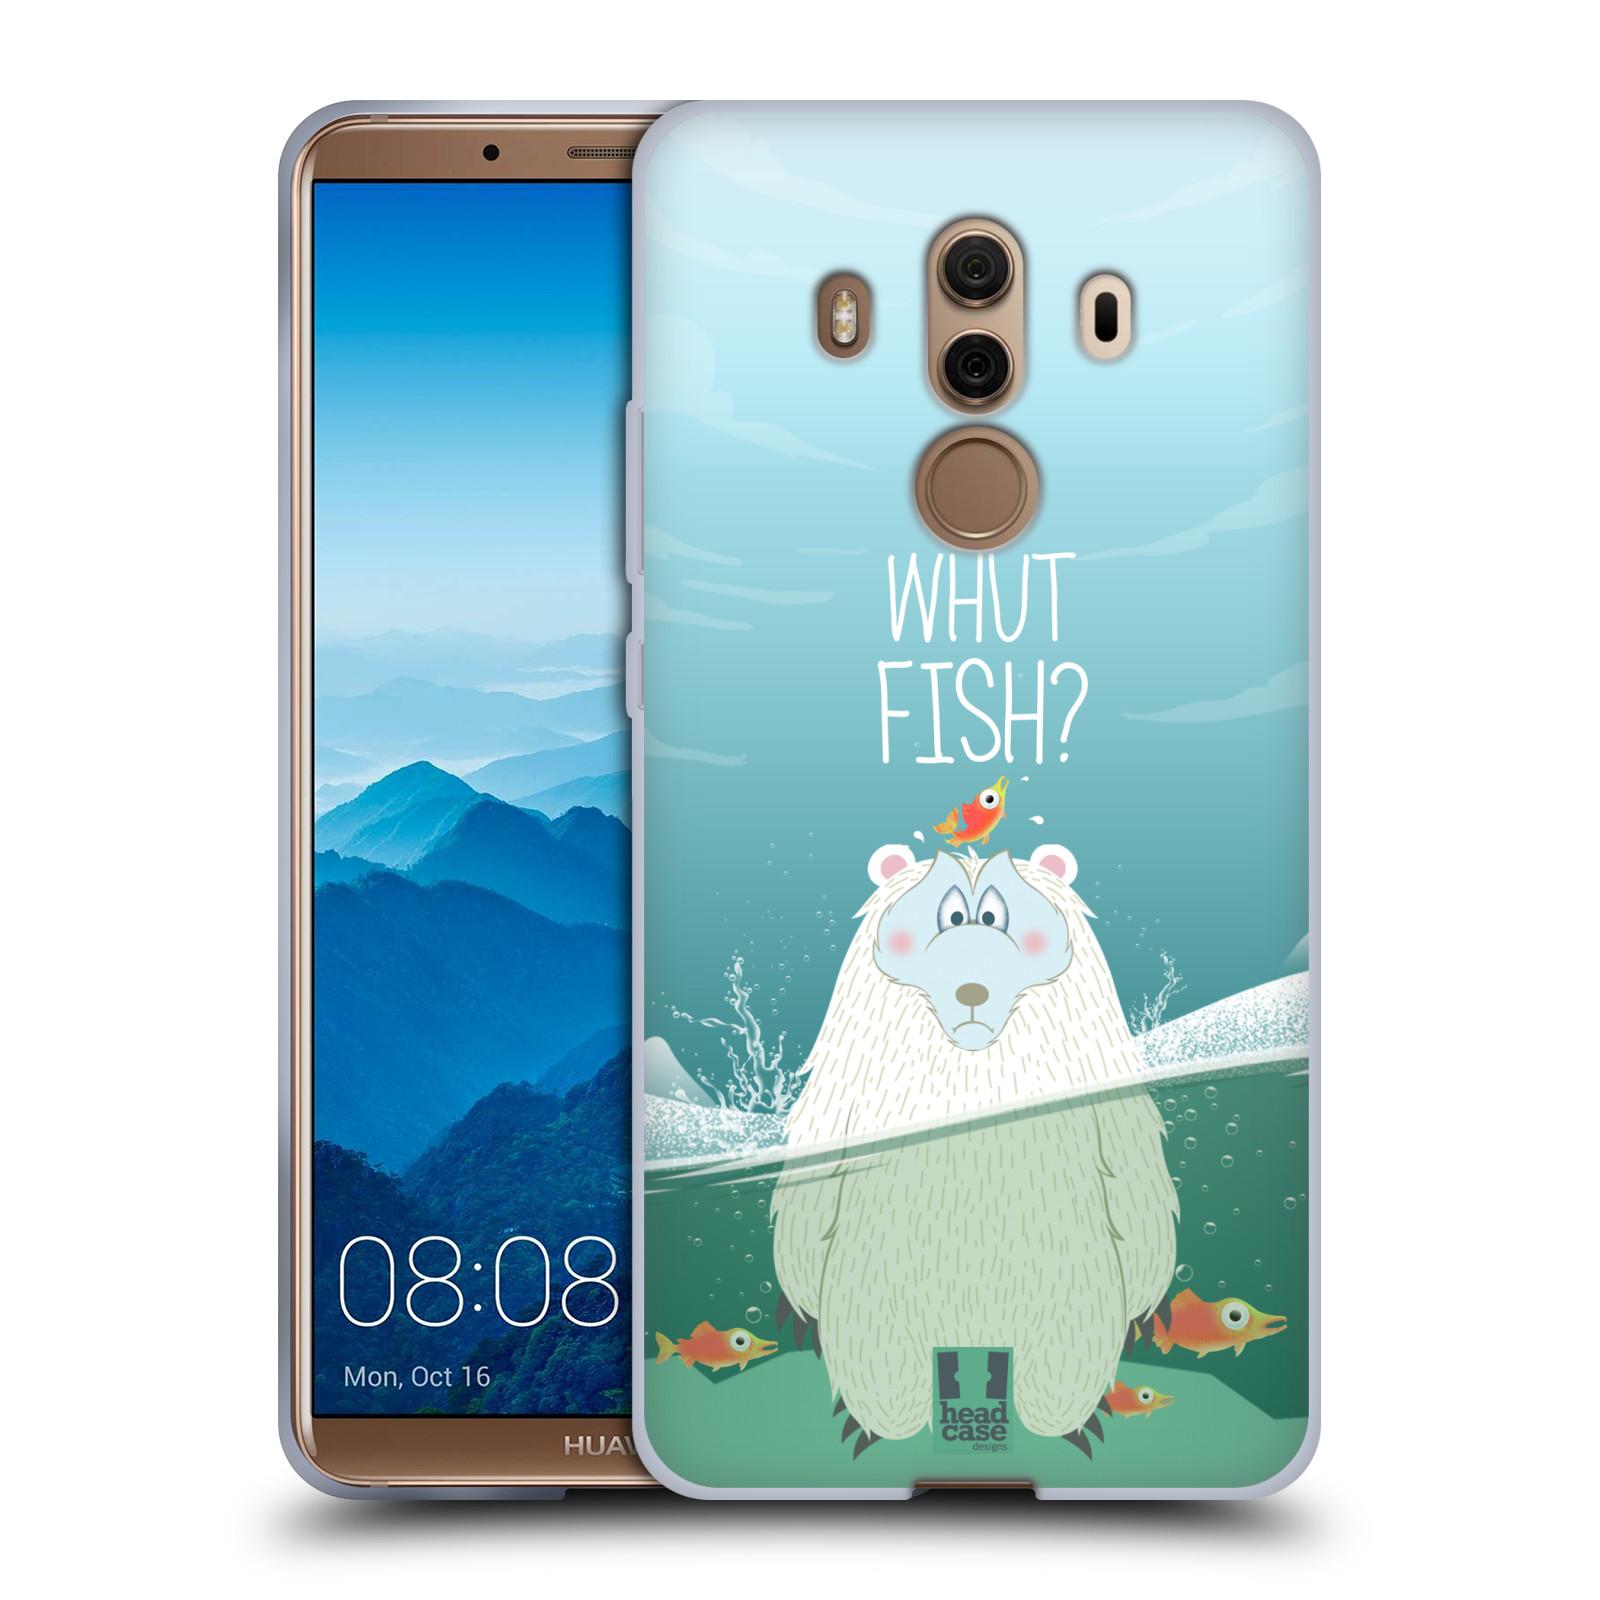 Silikonové pouzdro na mobil Huawei Mate 10 Pro - Head Case - Medvěd Whut Fish?